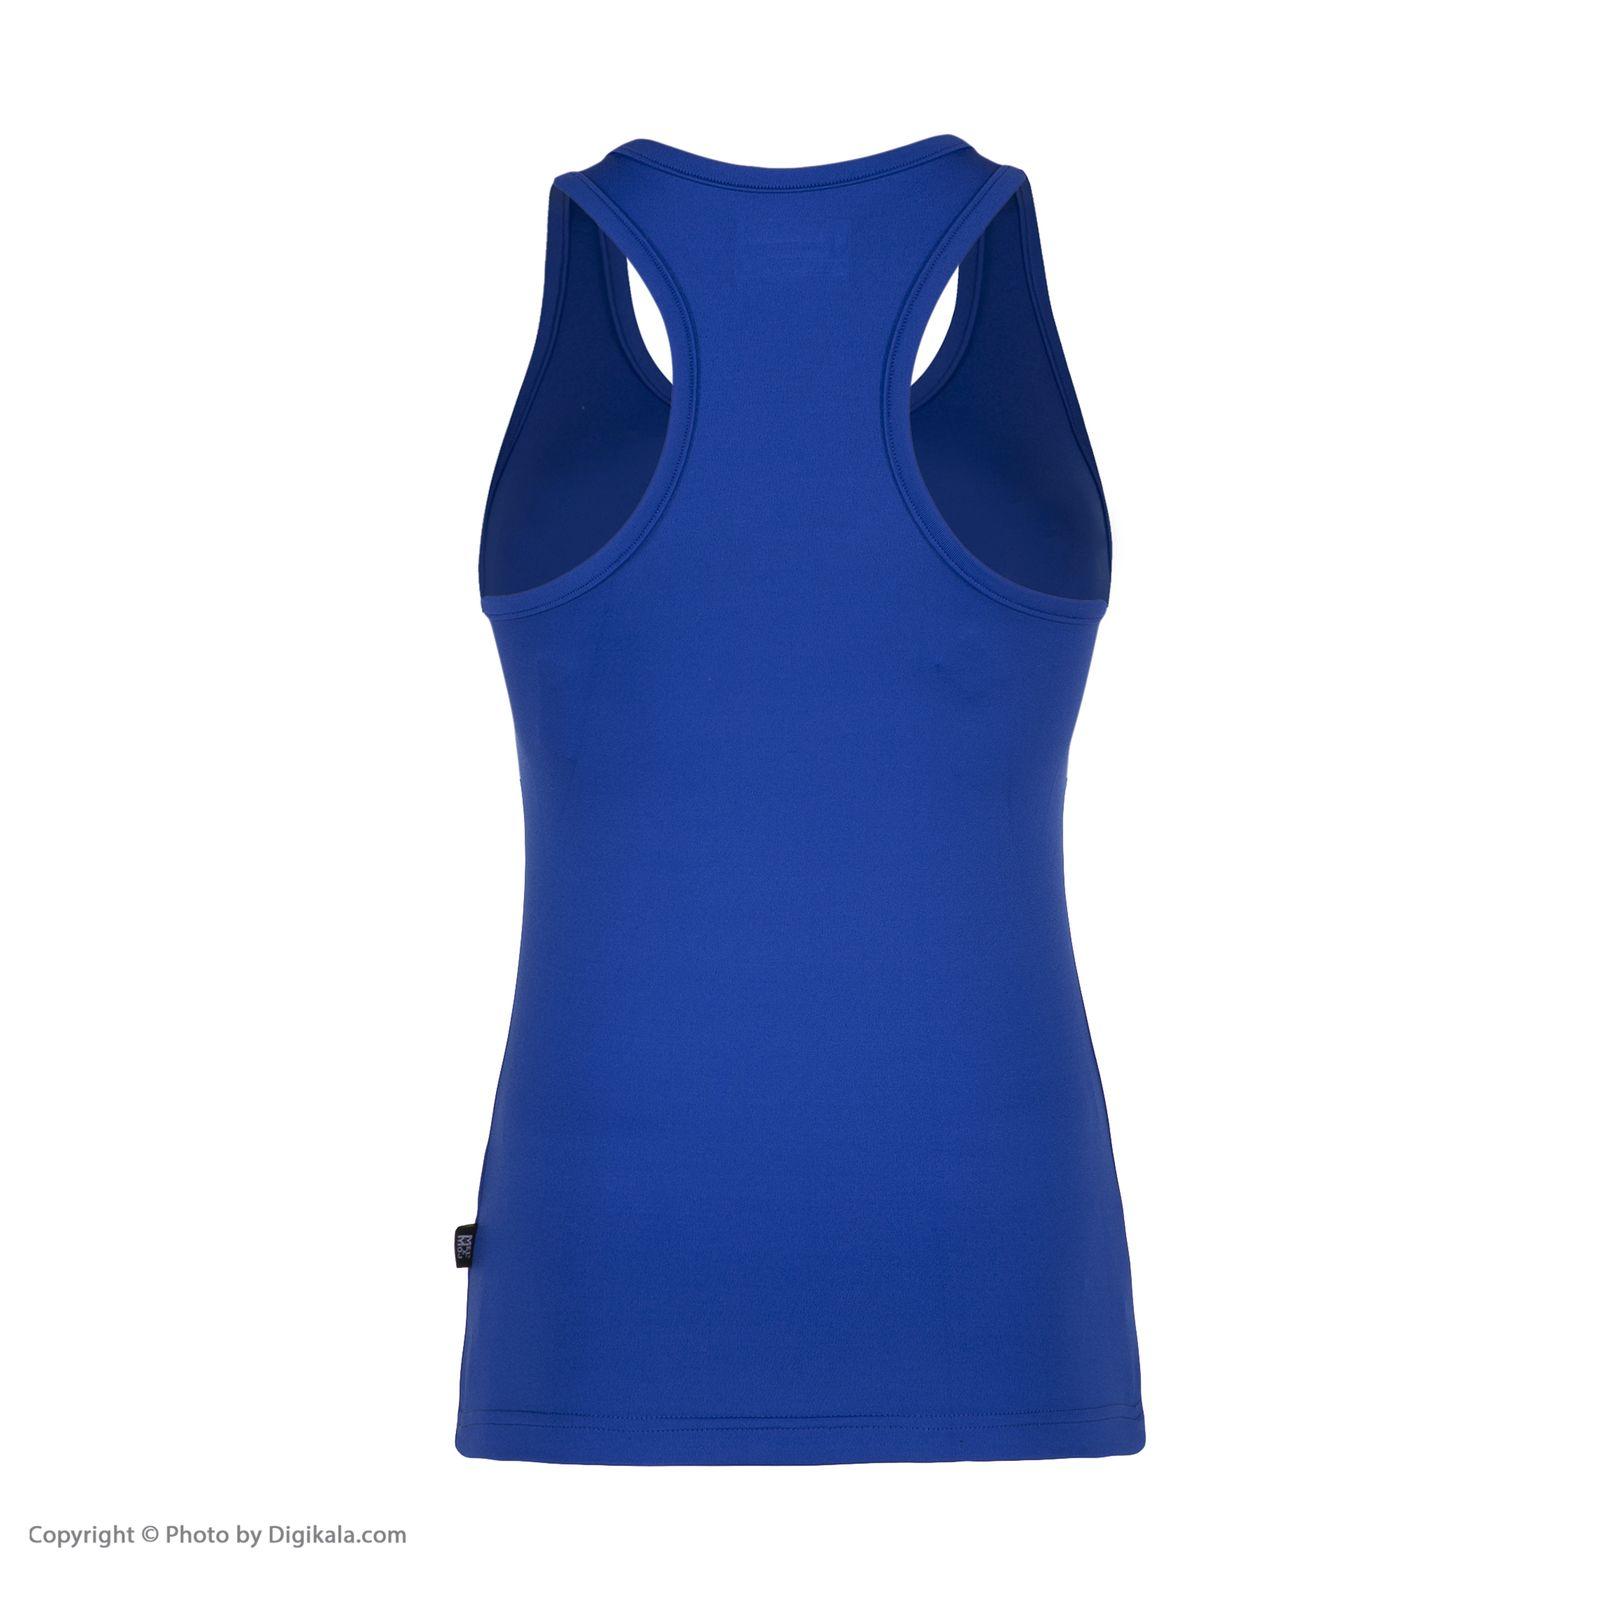 تاپ ورزشی زنانه مل اند موژ مدل KT0054-004 -  - 5